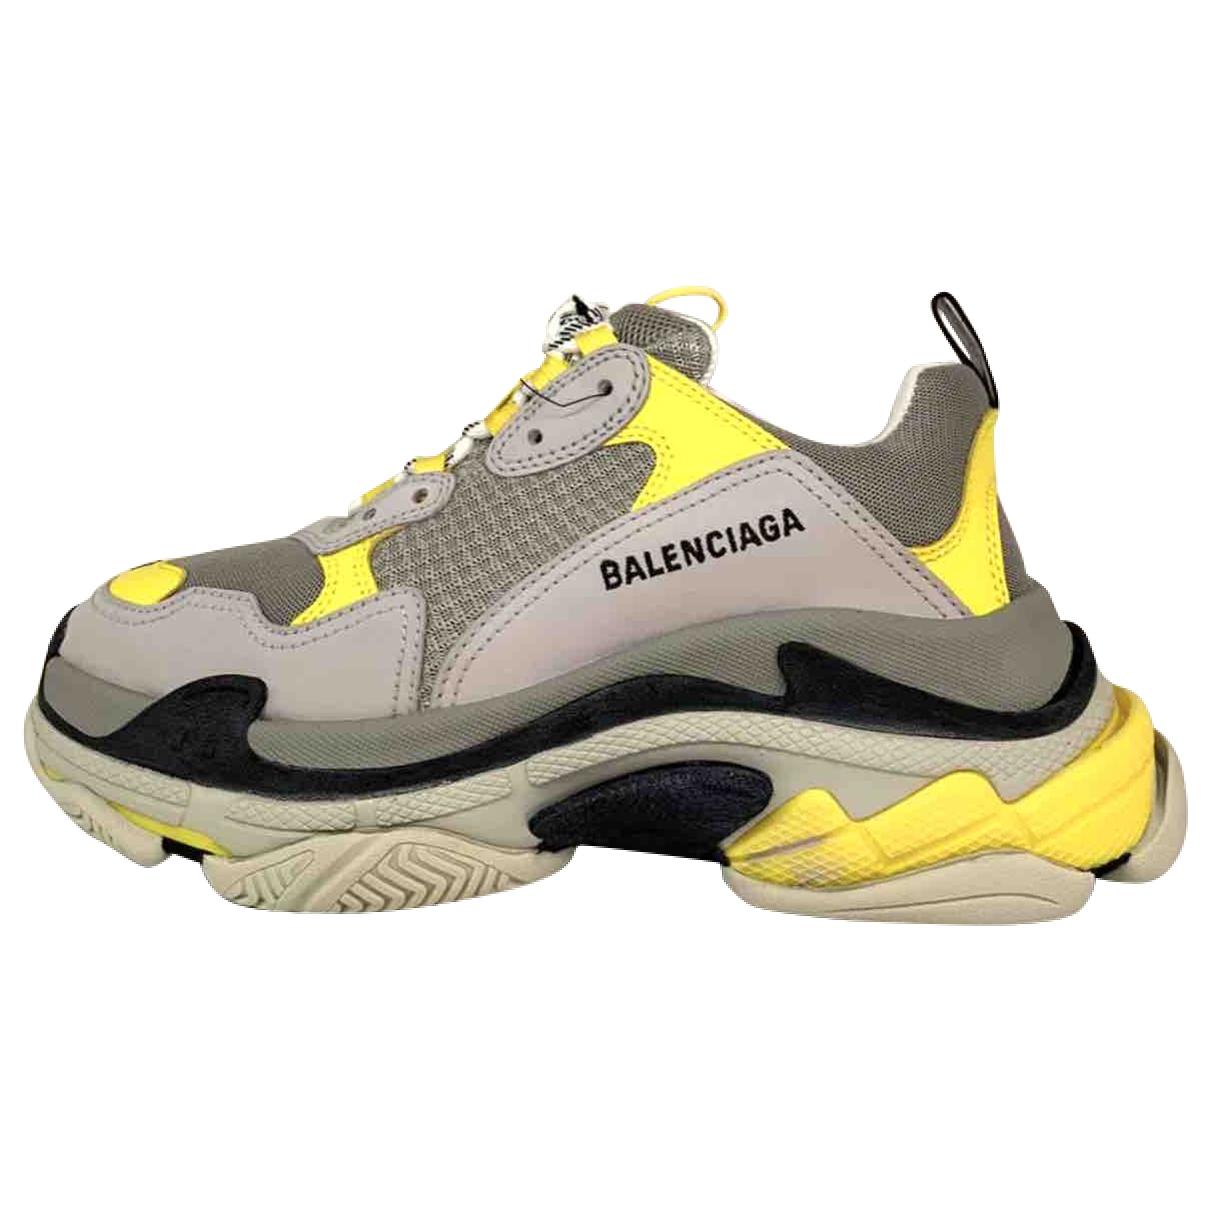 Balenciaga - Baskets Triple S pour homme - gris